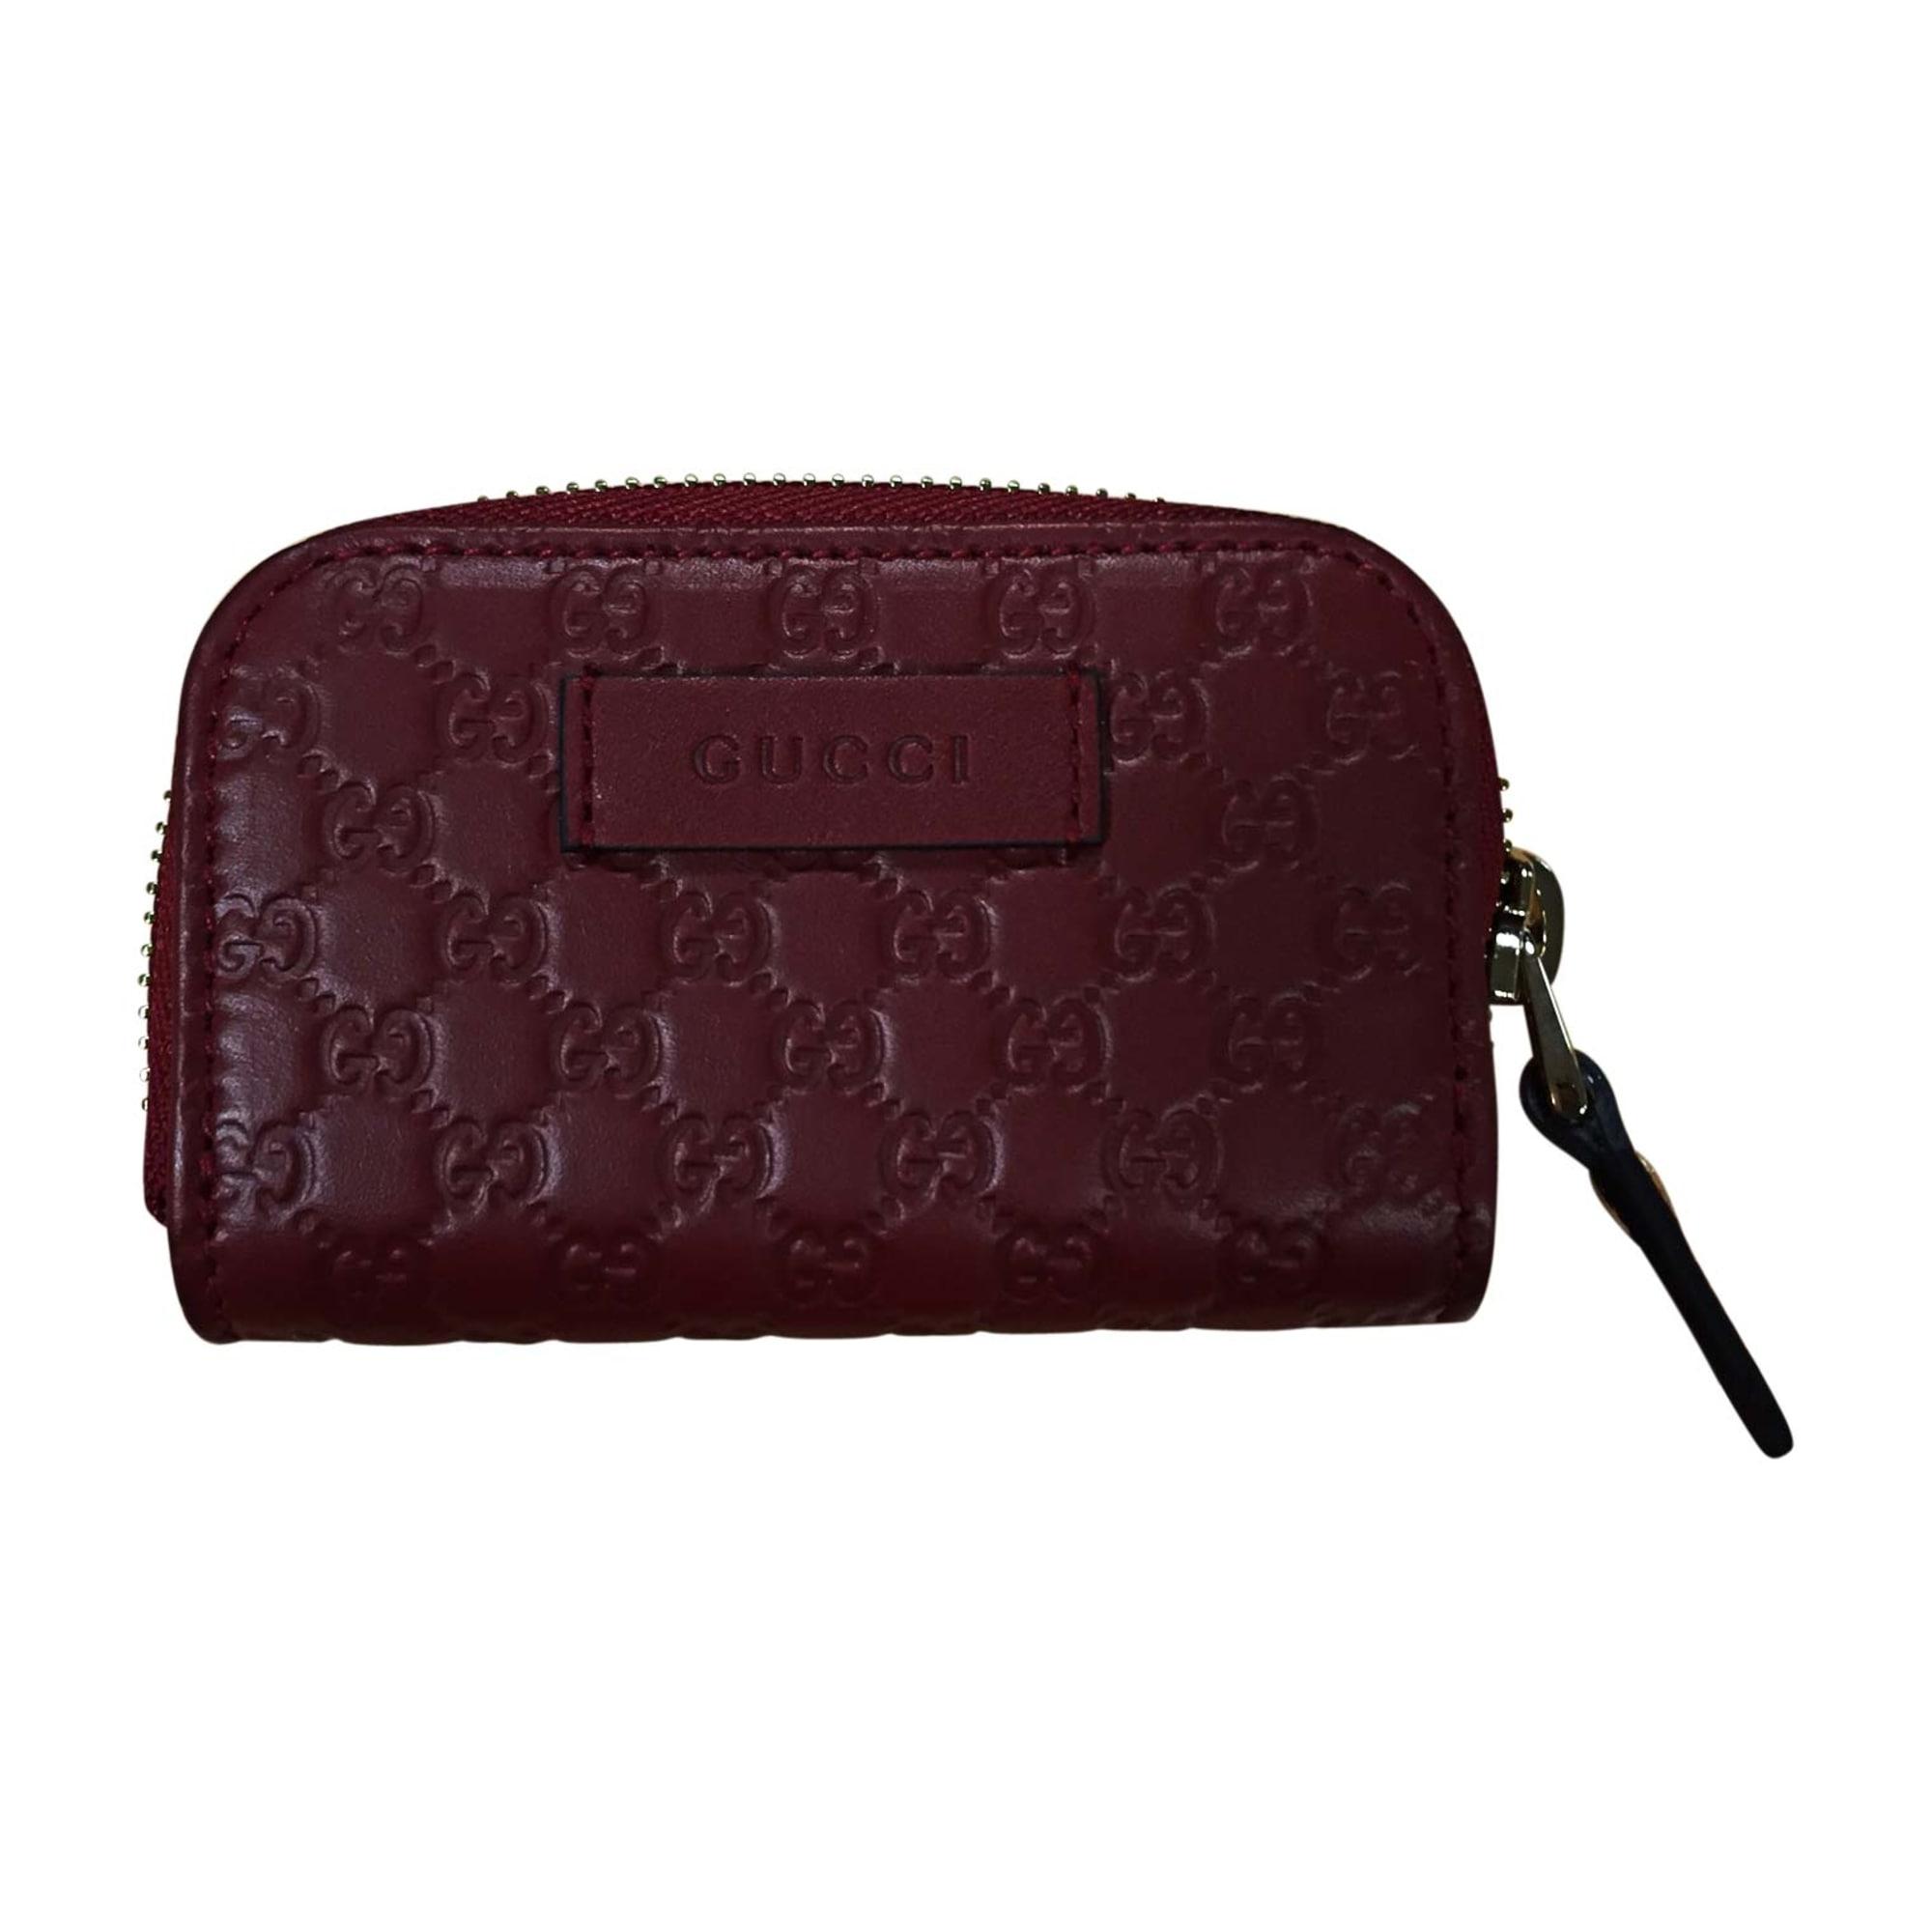 Porte Monnaie Gucci Rouge Vendu Par Disabel 9287688 7866093